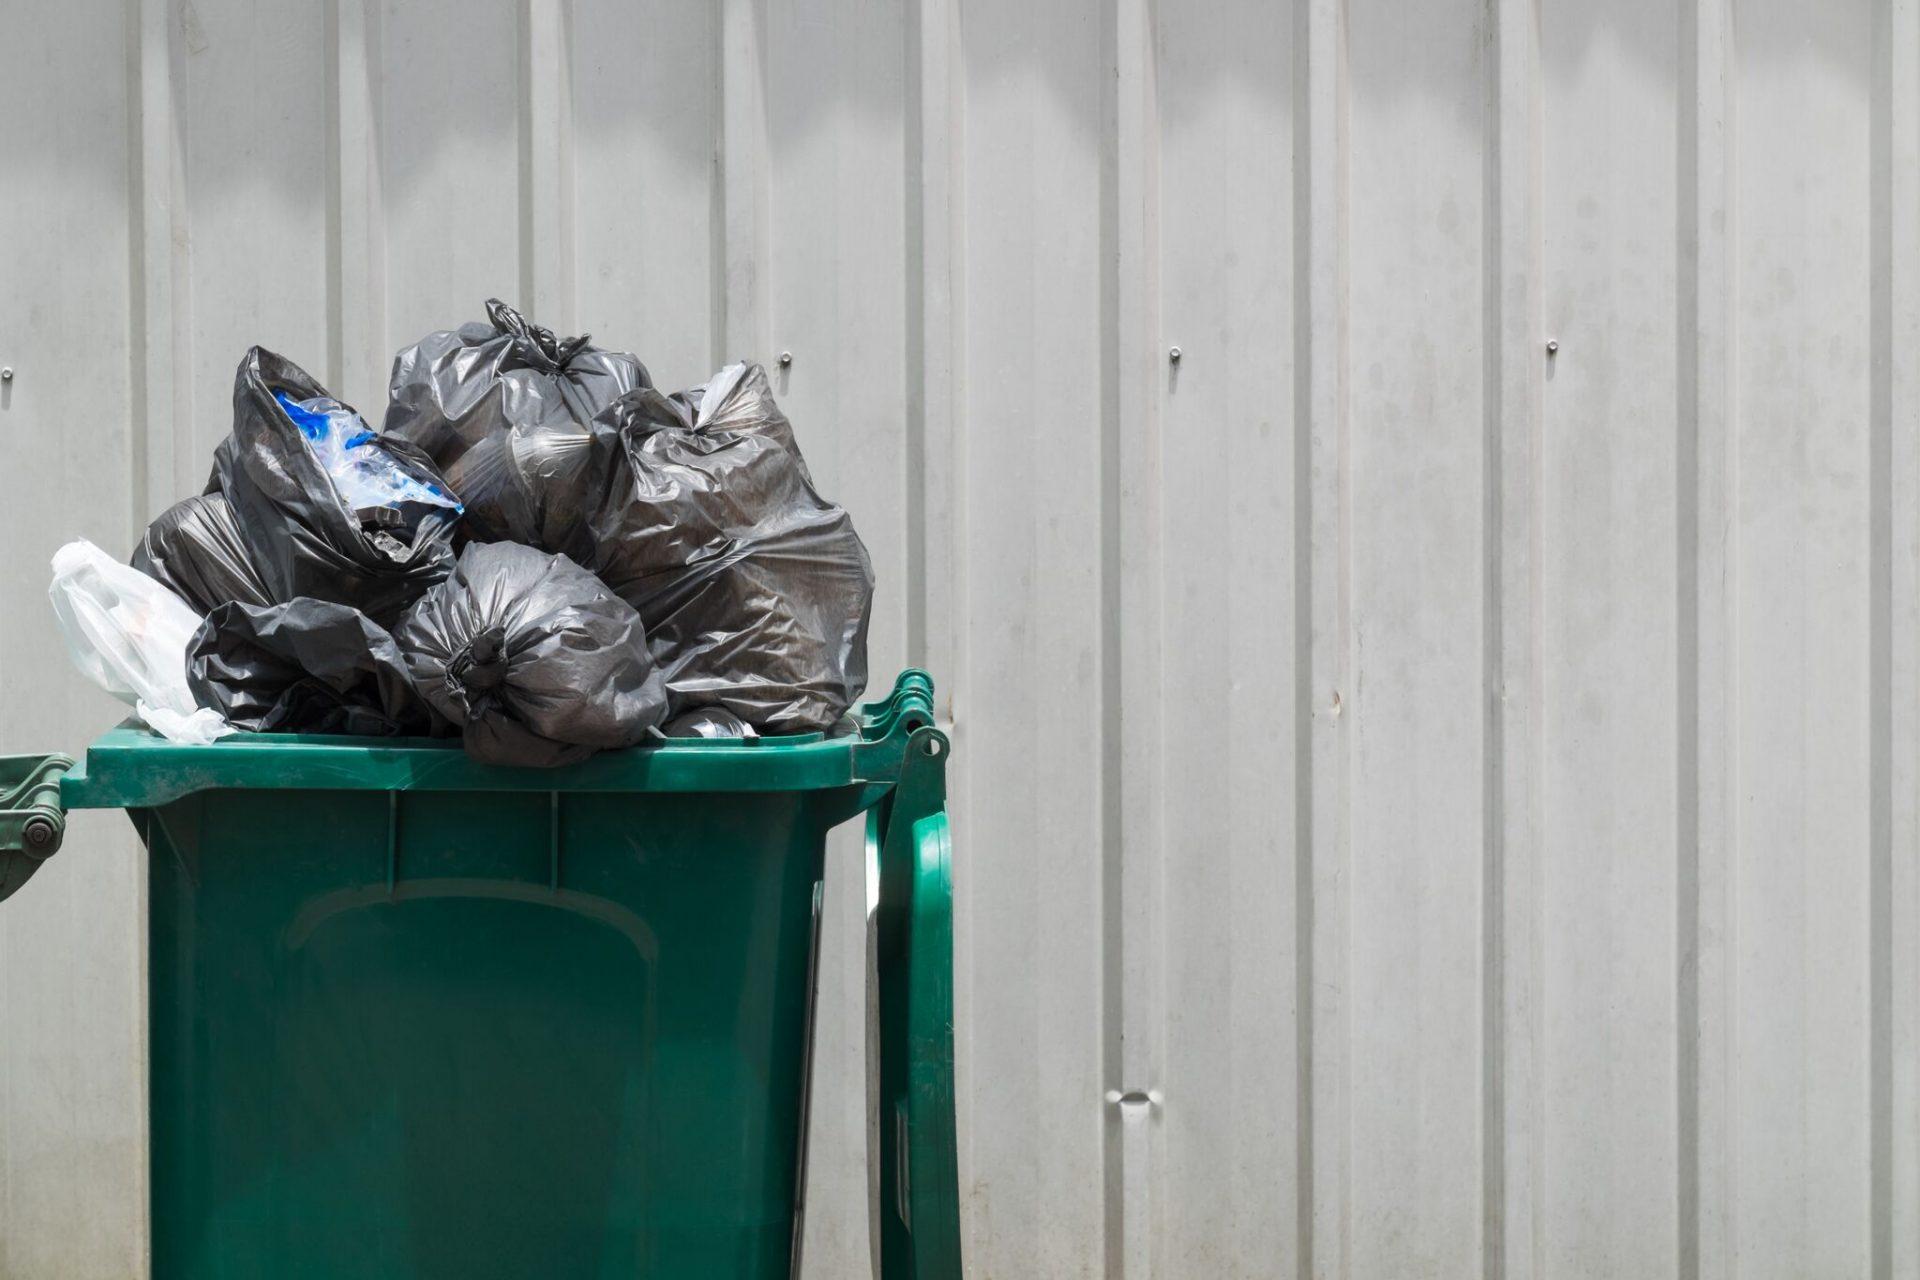 Poser med blandet avfall i en kildesorteringsbeholder